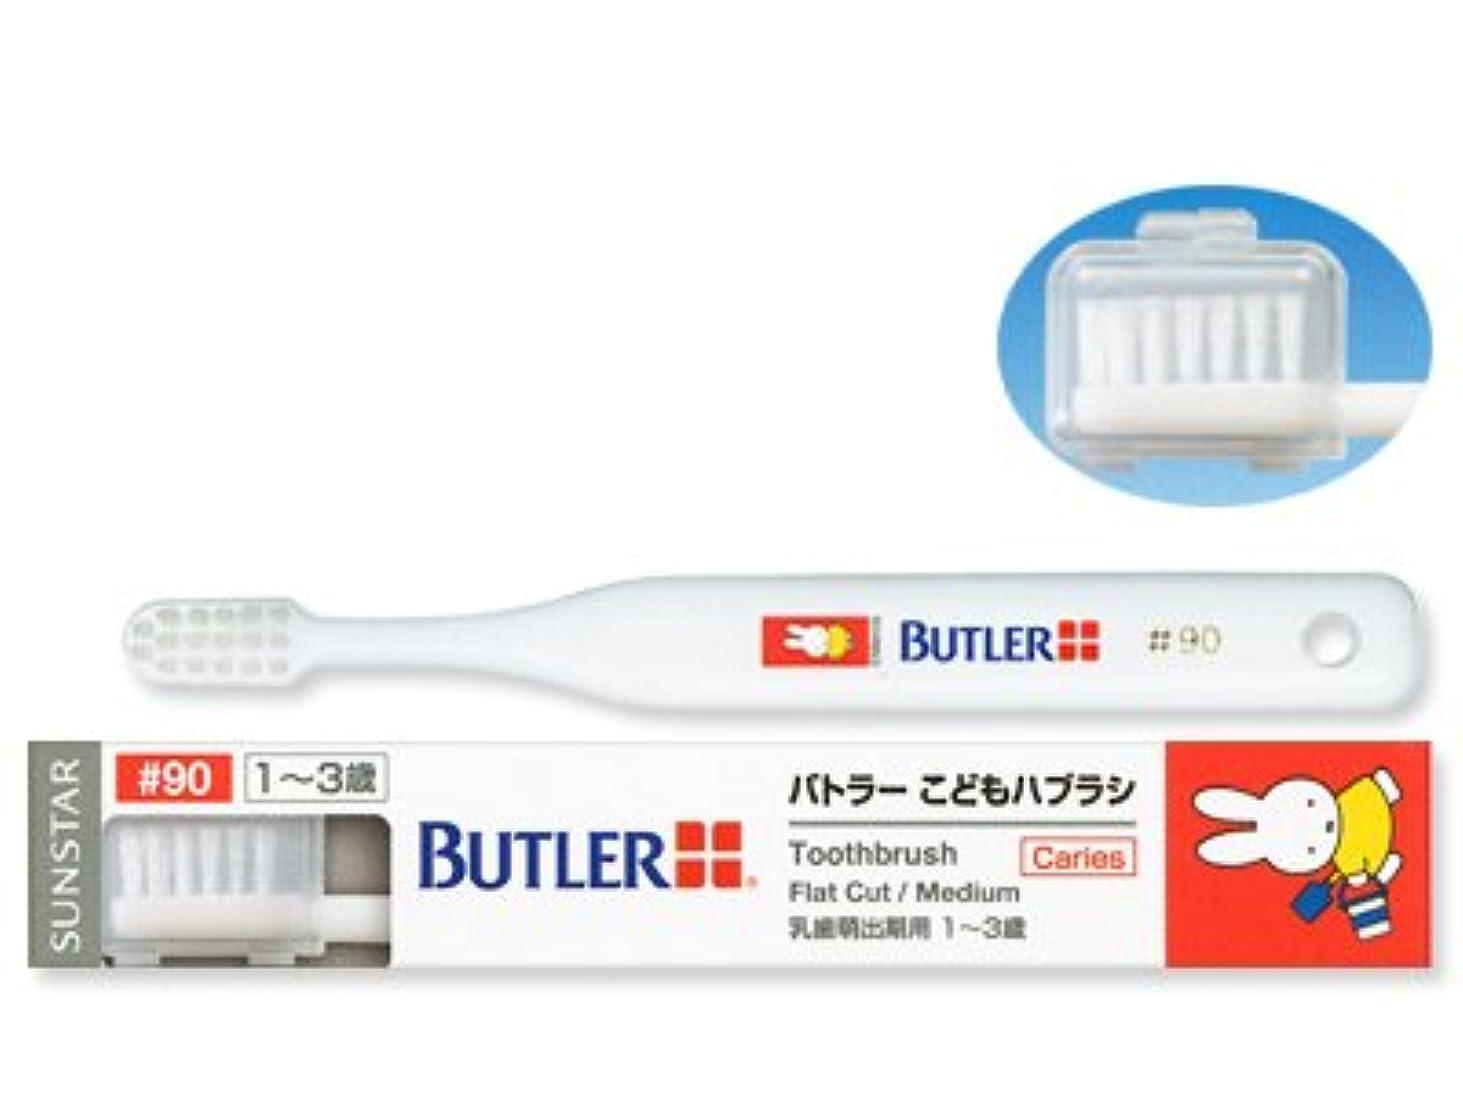 組み立てる覗く十分です【歯科医院取扱品】バトラー 子供歯ブラシ #90 歯ブラシキャップ付 (乳歯萌出期用/ふつう) (1-3歳) 12本入